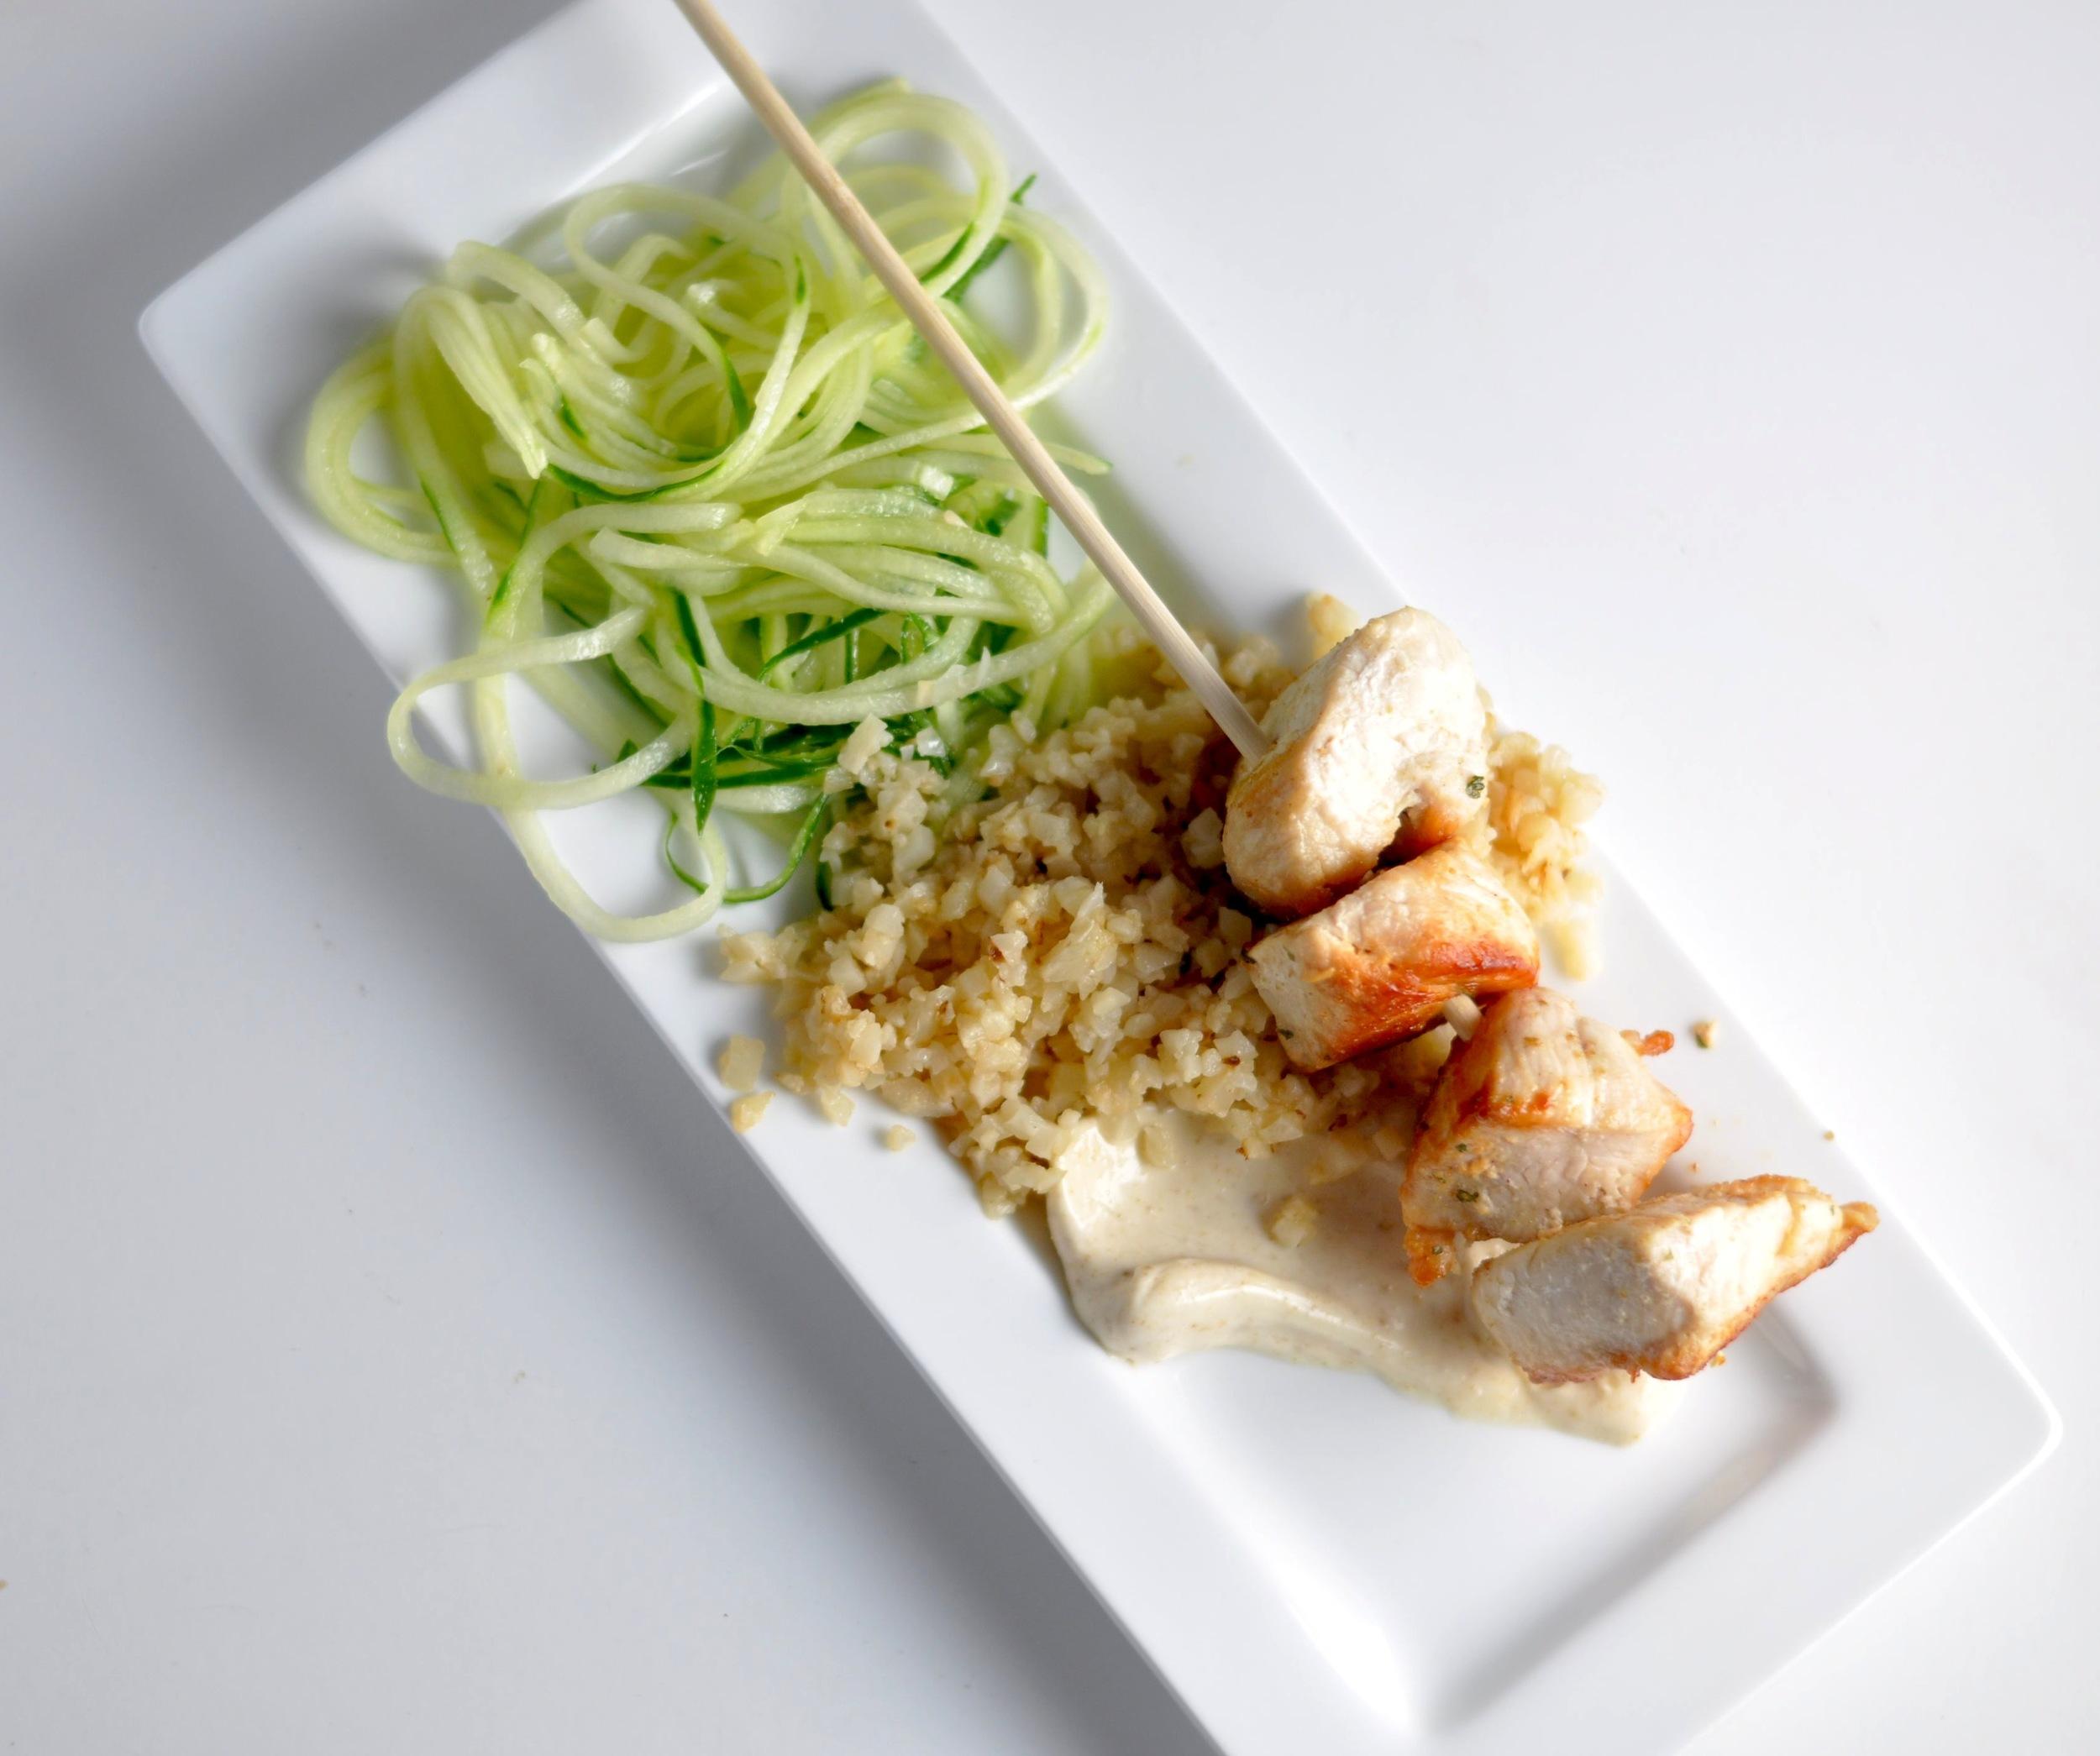 Greek Chicken Plate